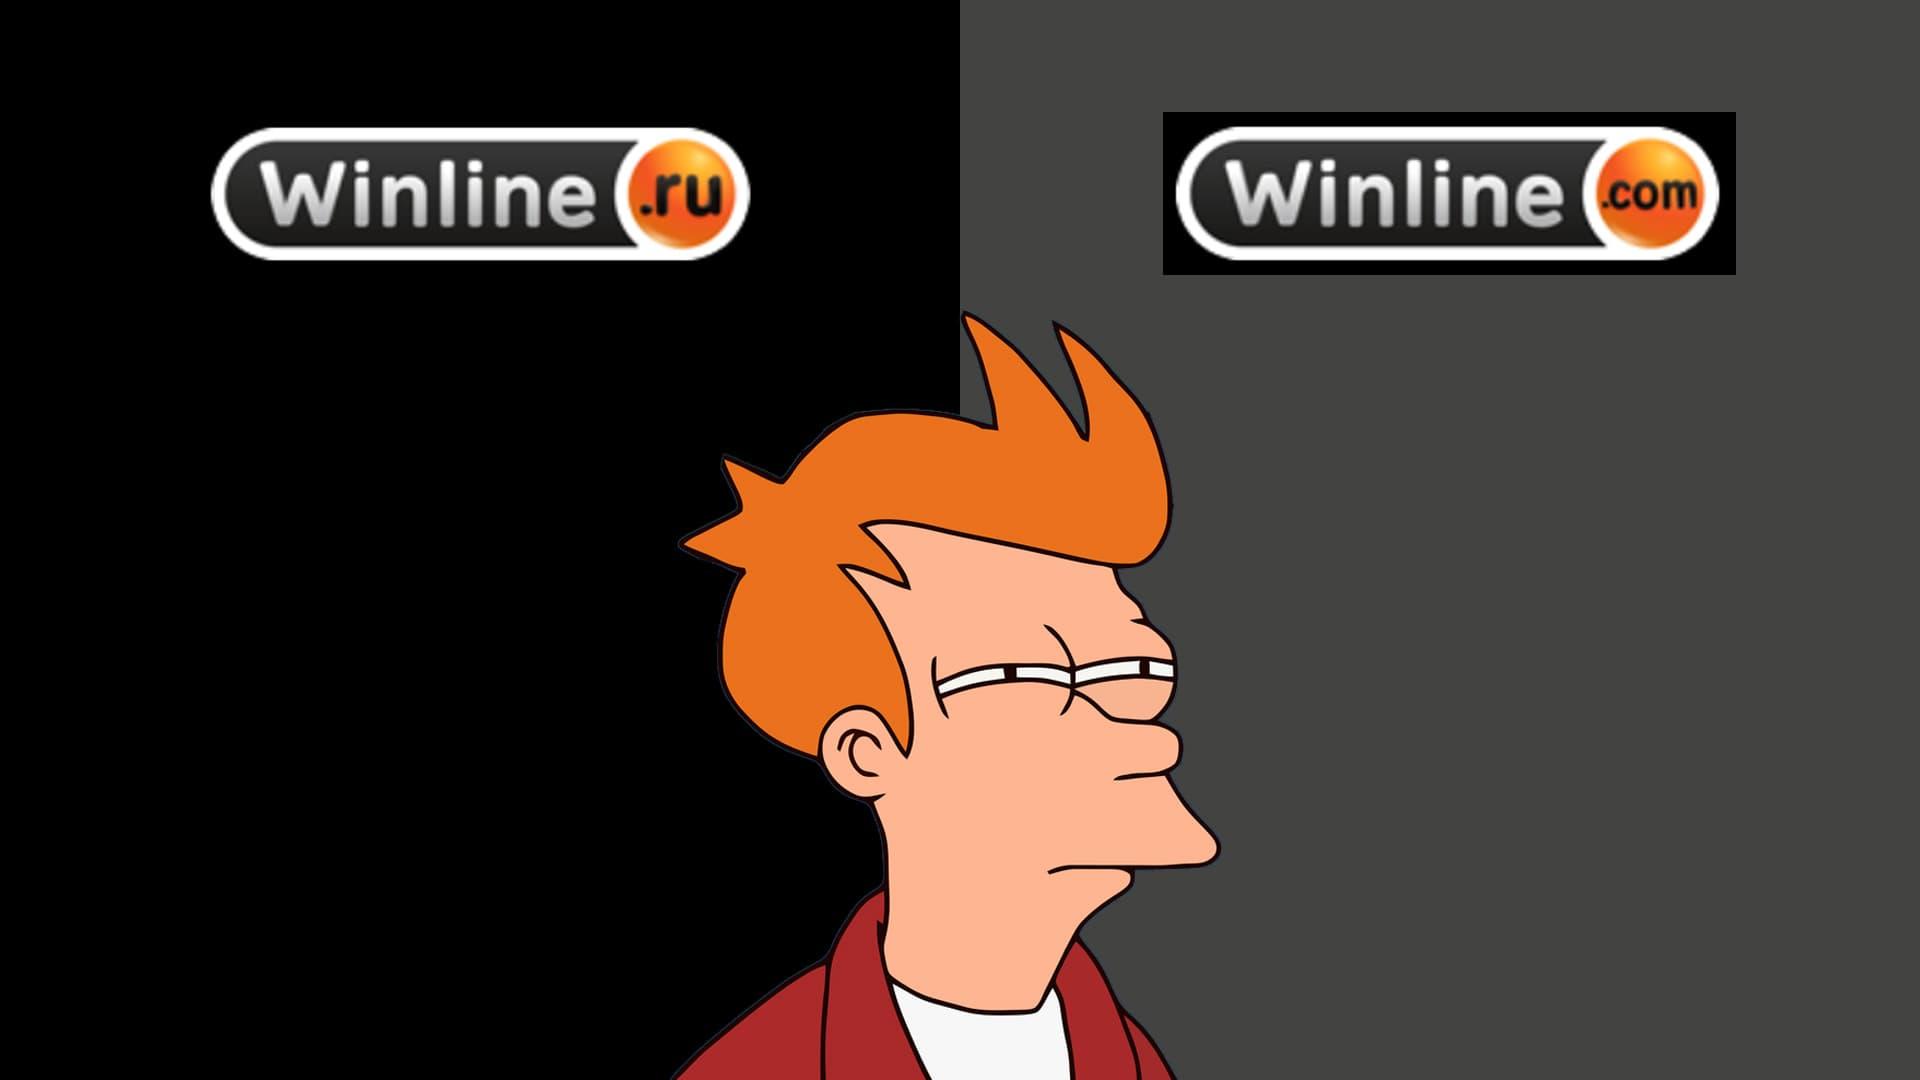 Winline.com